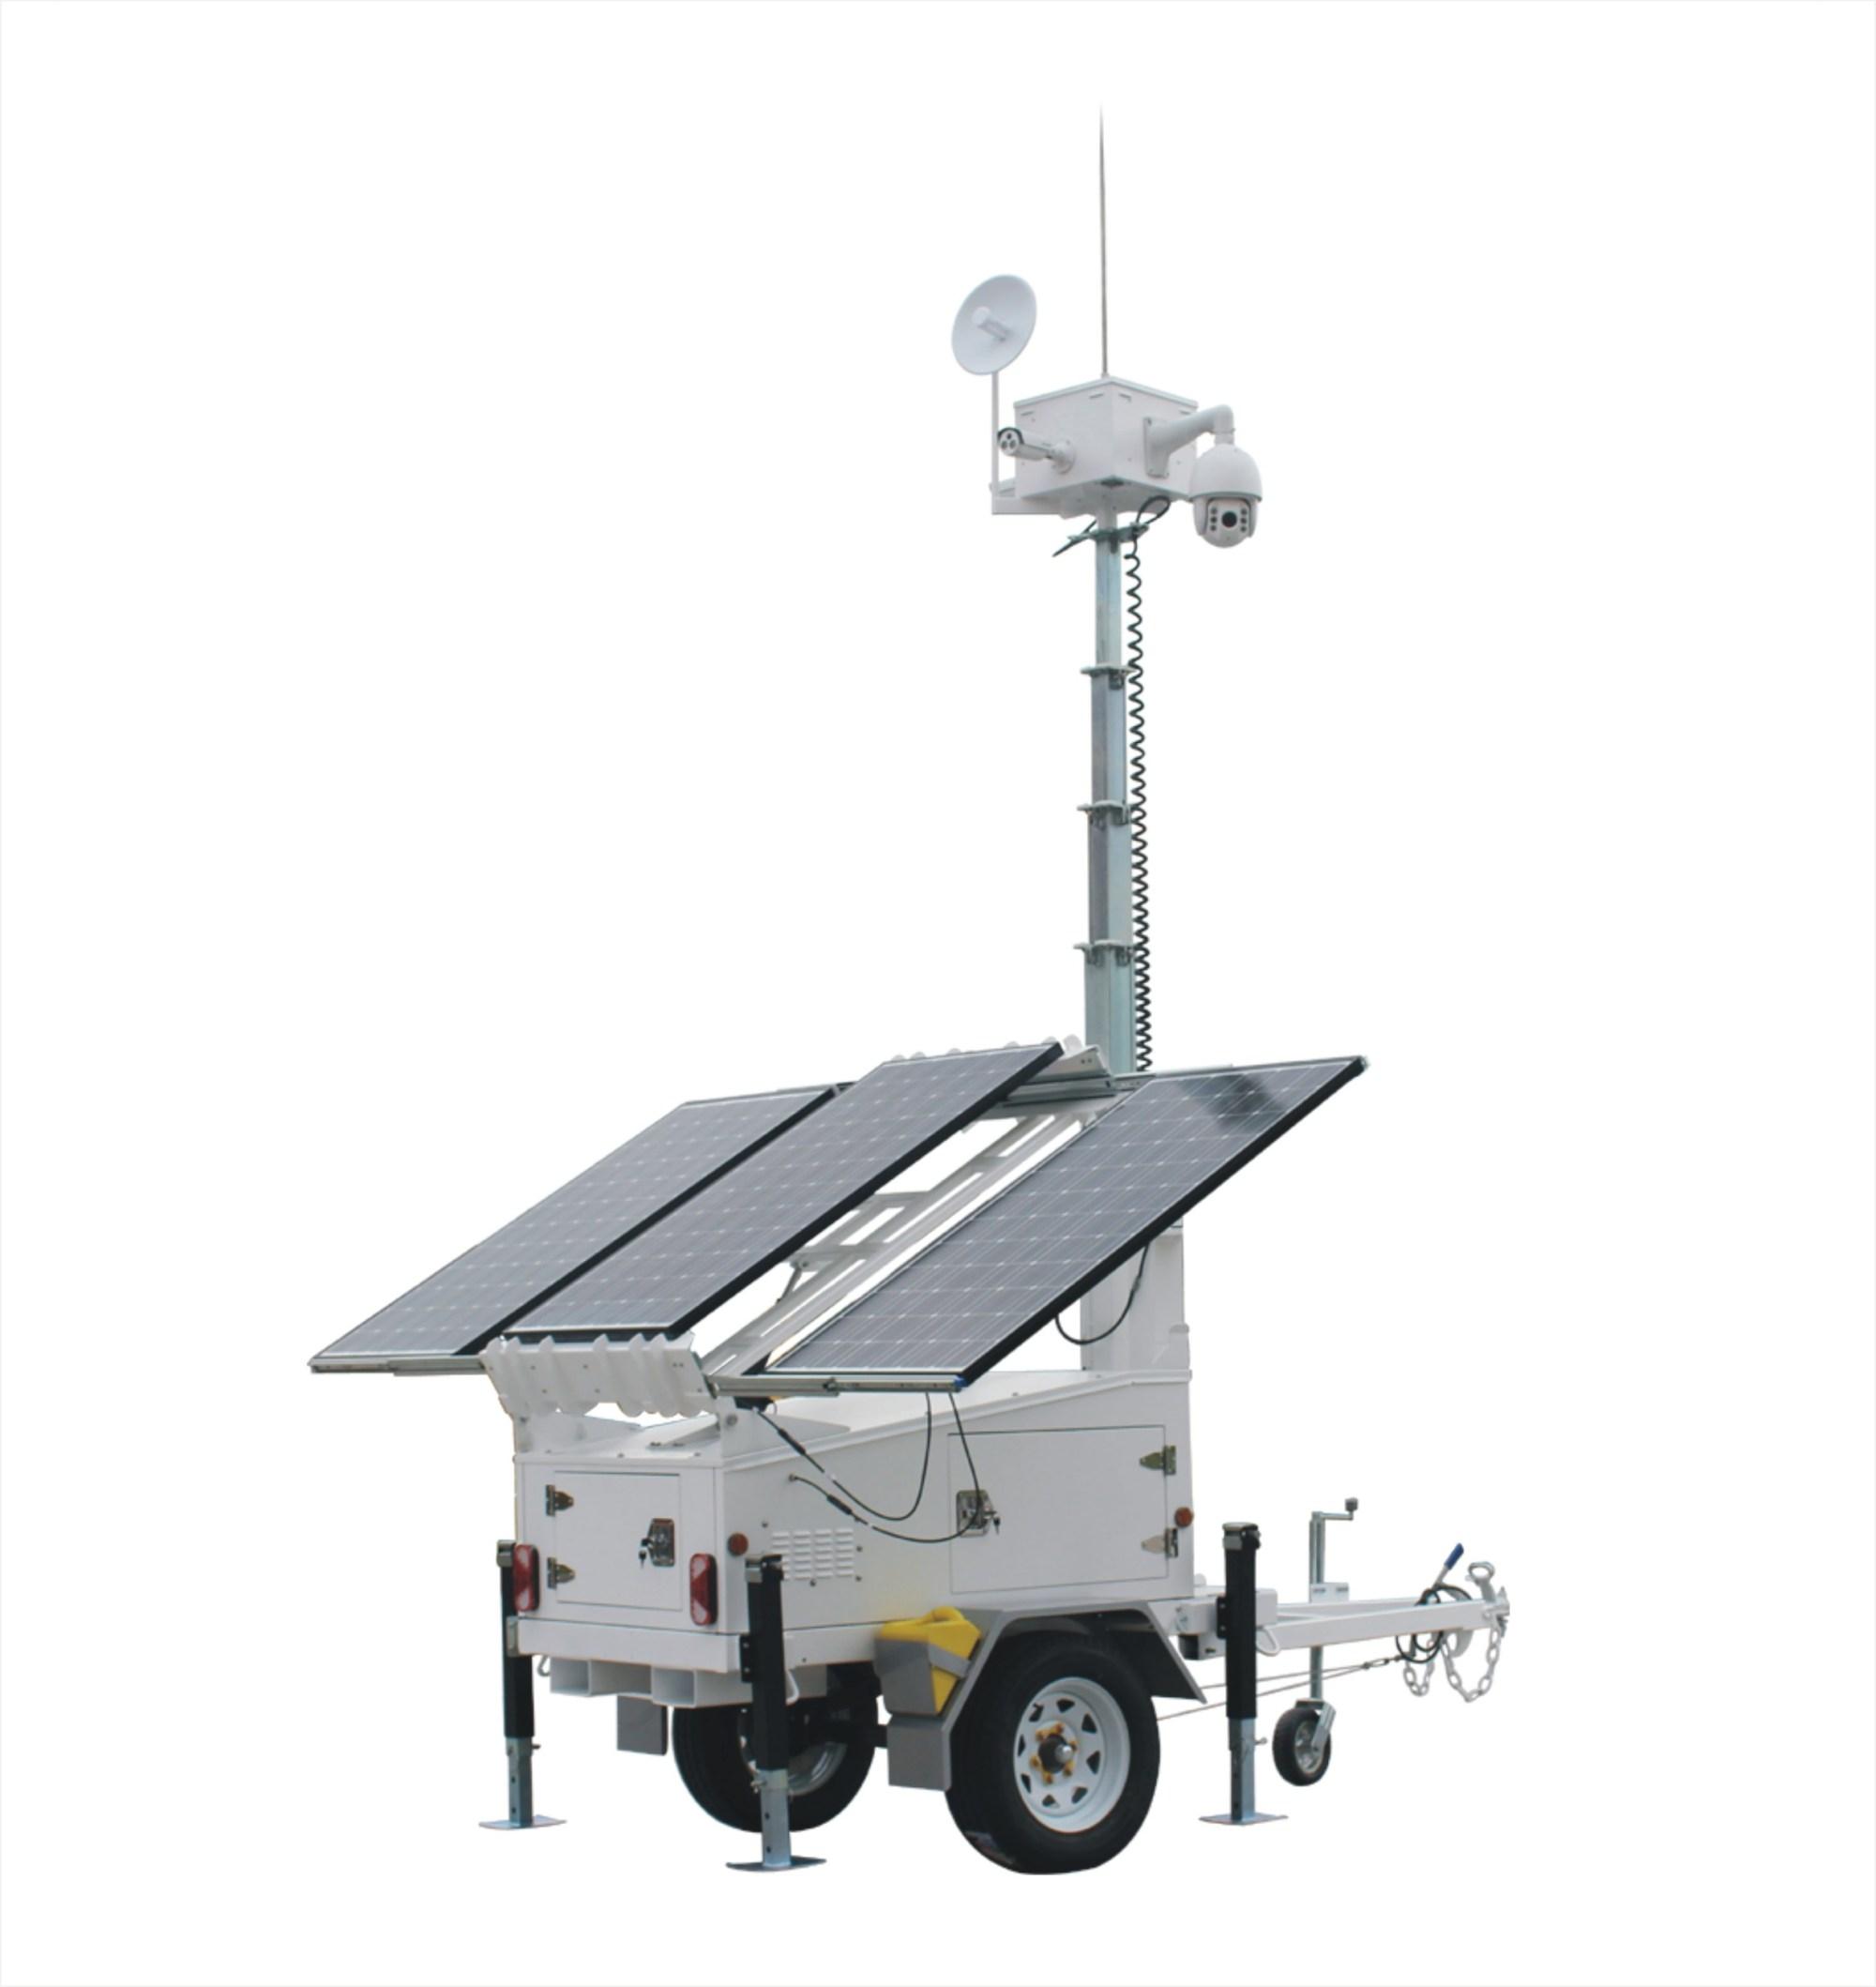 hight resolution of sv3300 4 ezitown solar led mobile light tower trailer manual mast raise dc 12v battery mast height 6 5m 150ah battery capacity